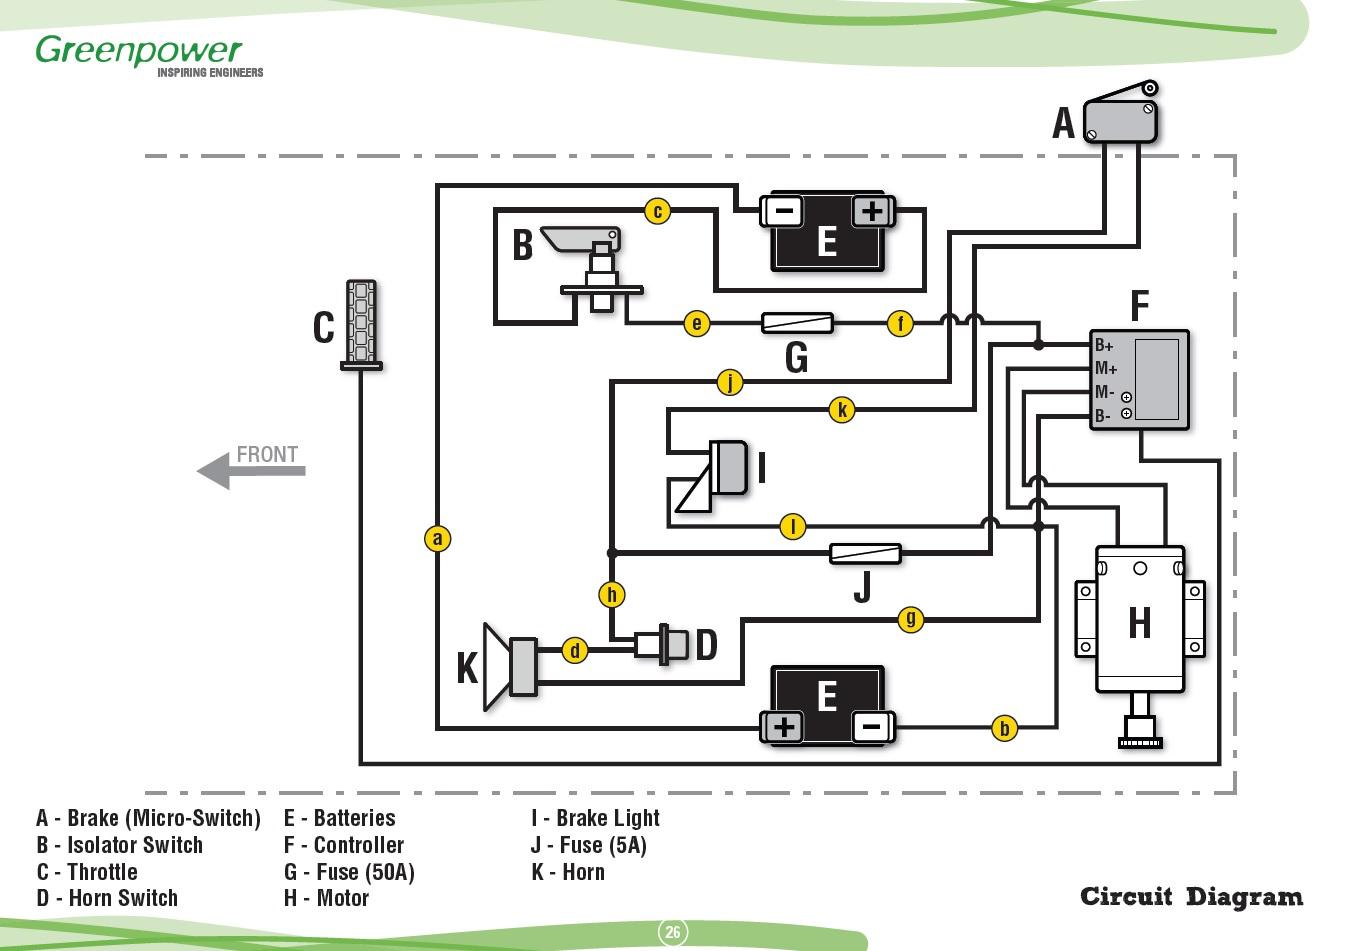 Controller Schematic Circuit Diagram Wiring Circuit Diagram